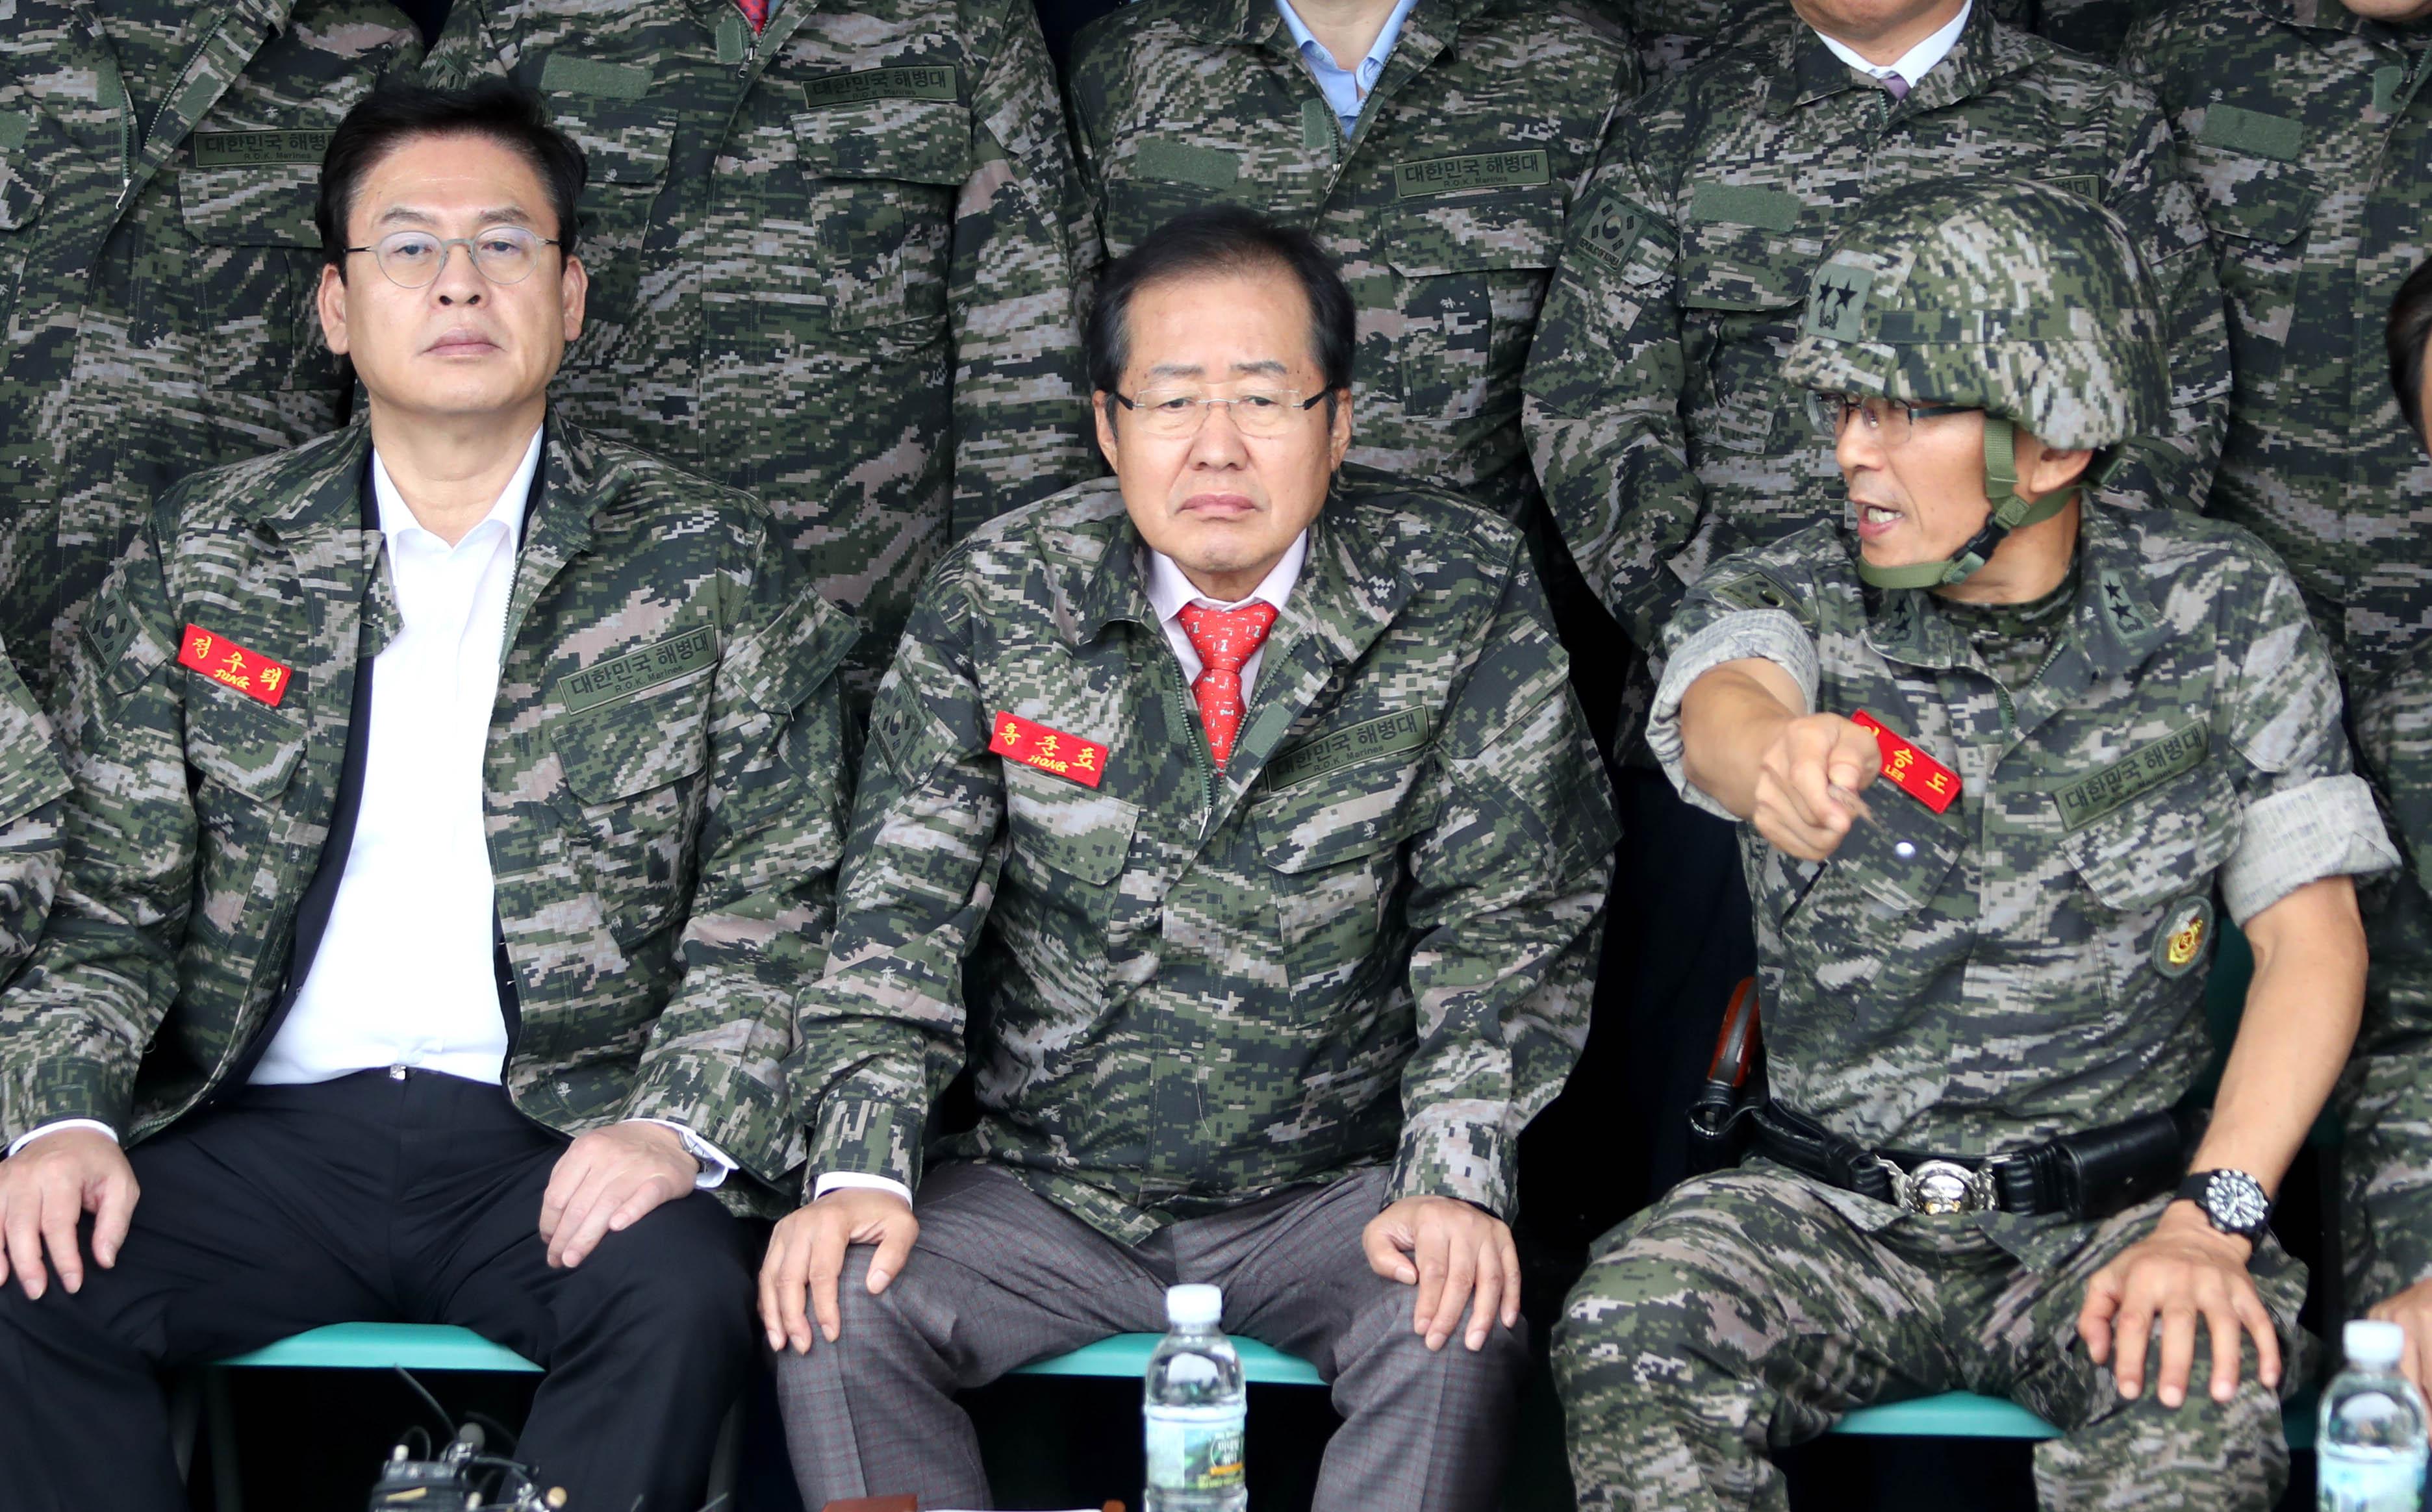 자유한국당 홍준표 대표(가운데)와 정우택 원내대표가 6일 오후 김포 해병대 2사단을 방문, 부대장으로부터 설명을 듣고 있다.